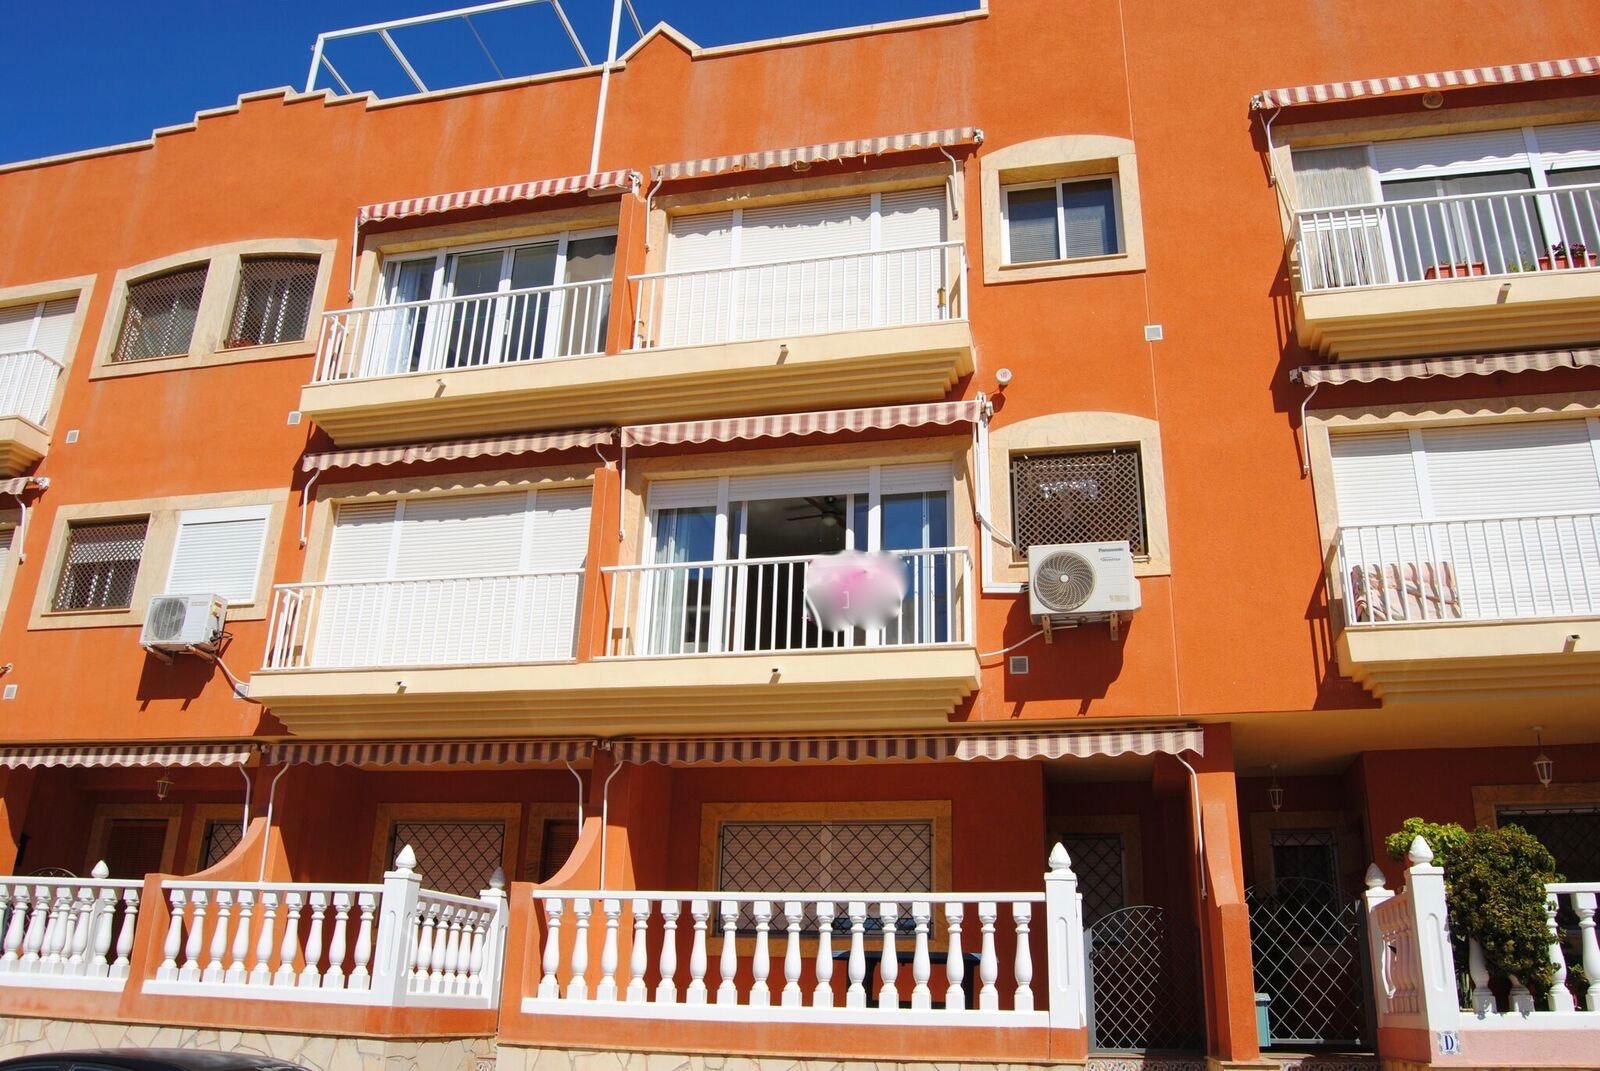 Appartement 2 slaapkamers met zeezicht in Bolnuevo - Casana